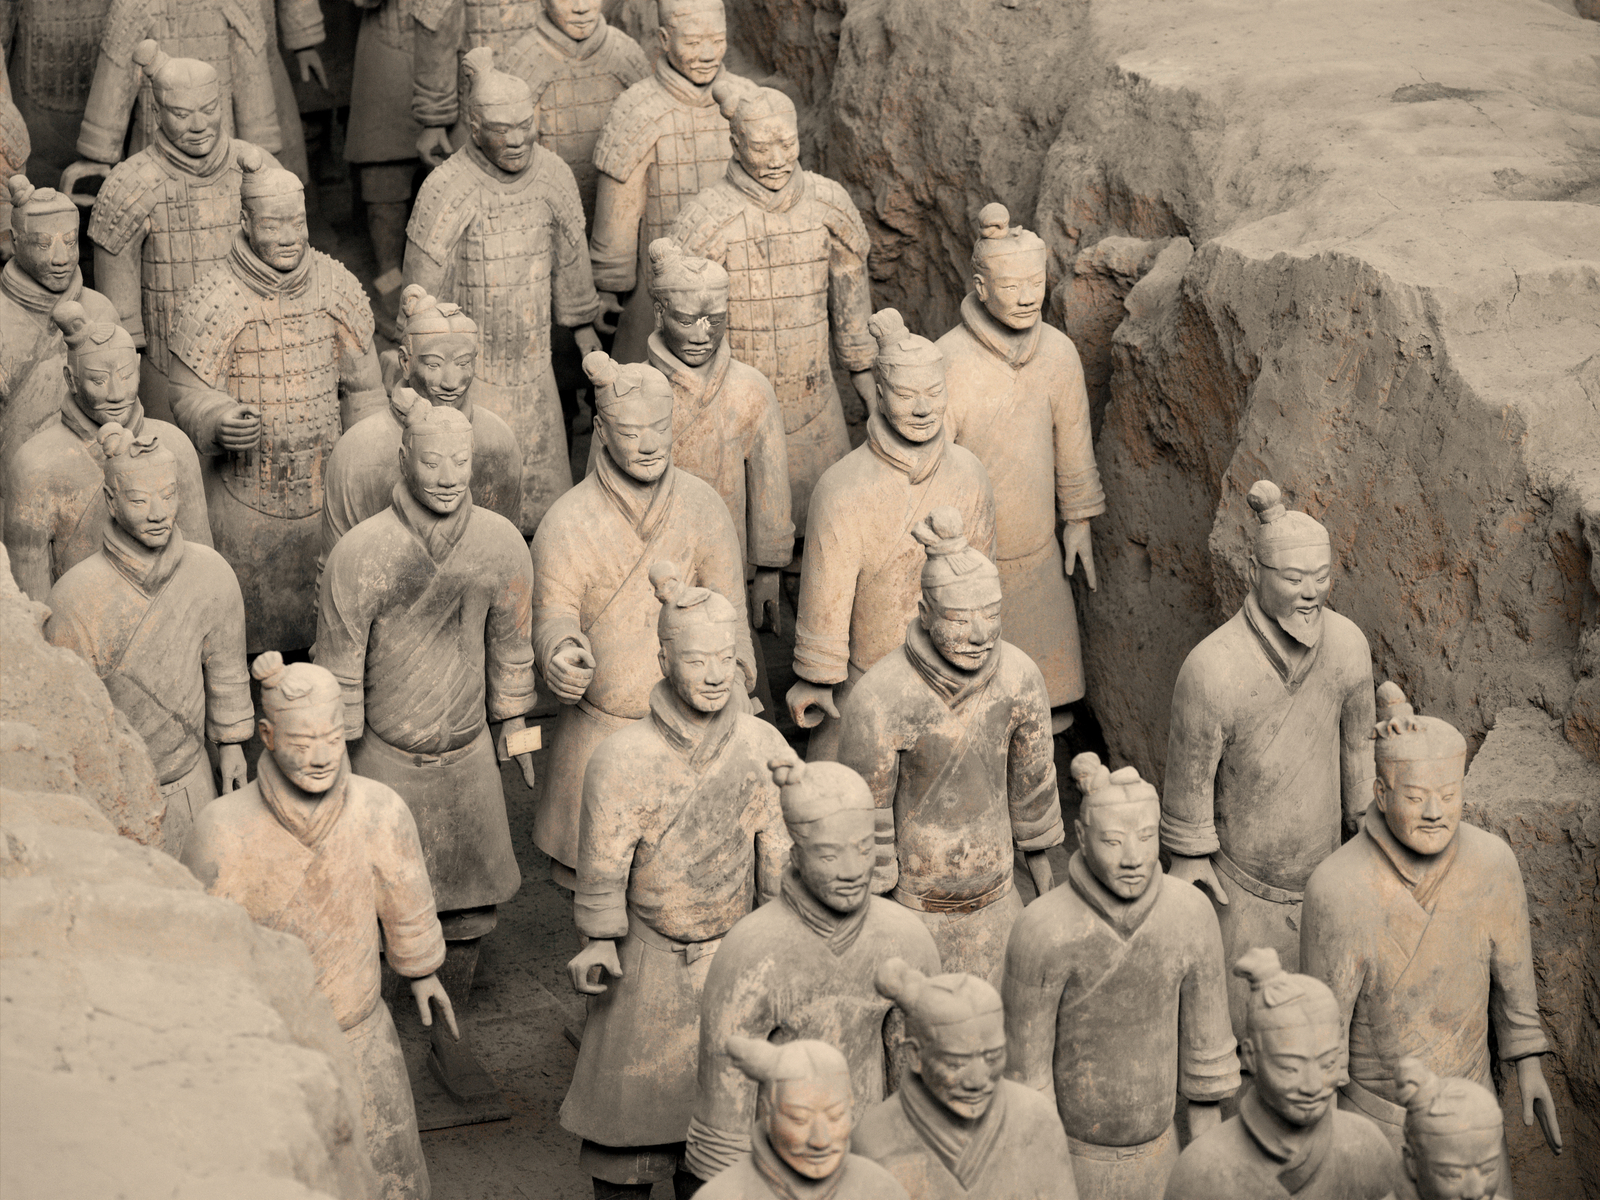 huang shi city divorced singles personals Бесплатный онлайн пазл фиалка большая коллекция online пазлов любой сложности и тематики на juicypuzzlesru.